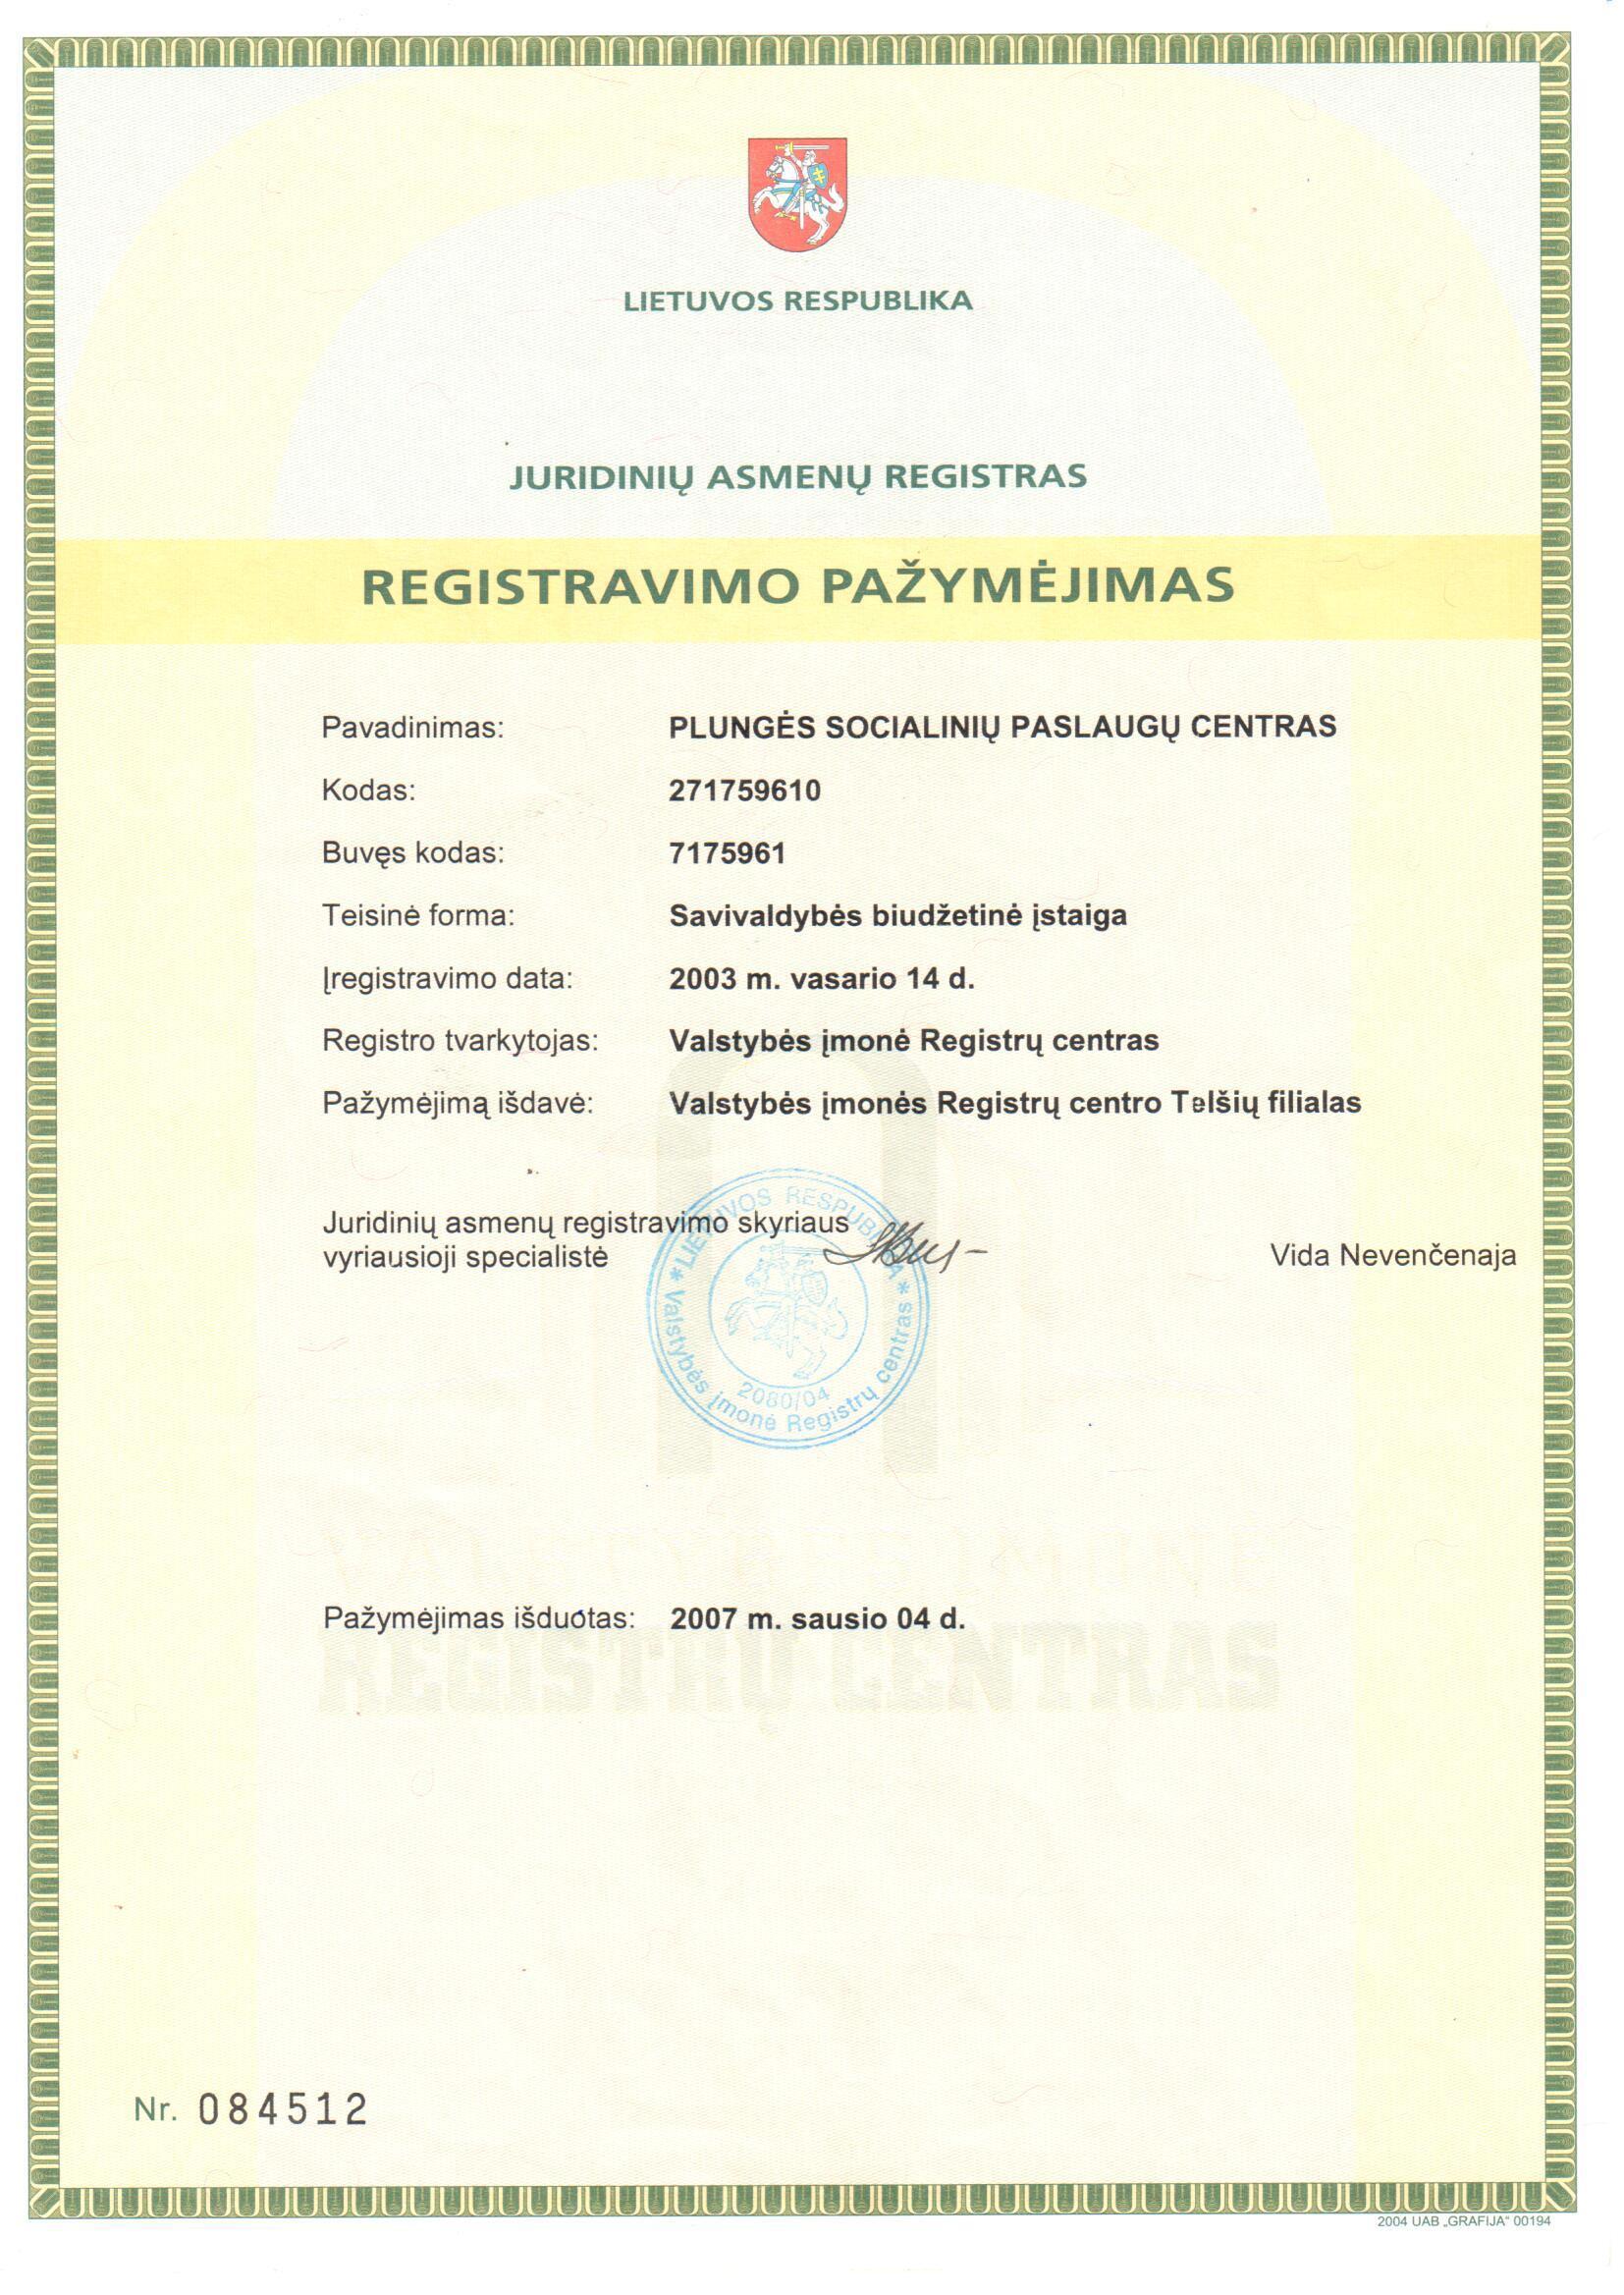 Registravimo pažymėjimas